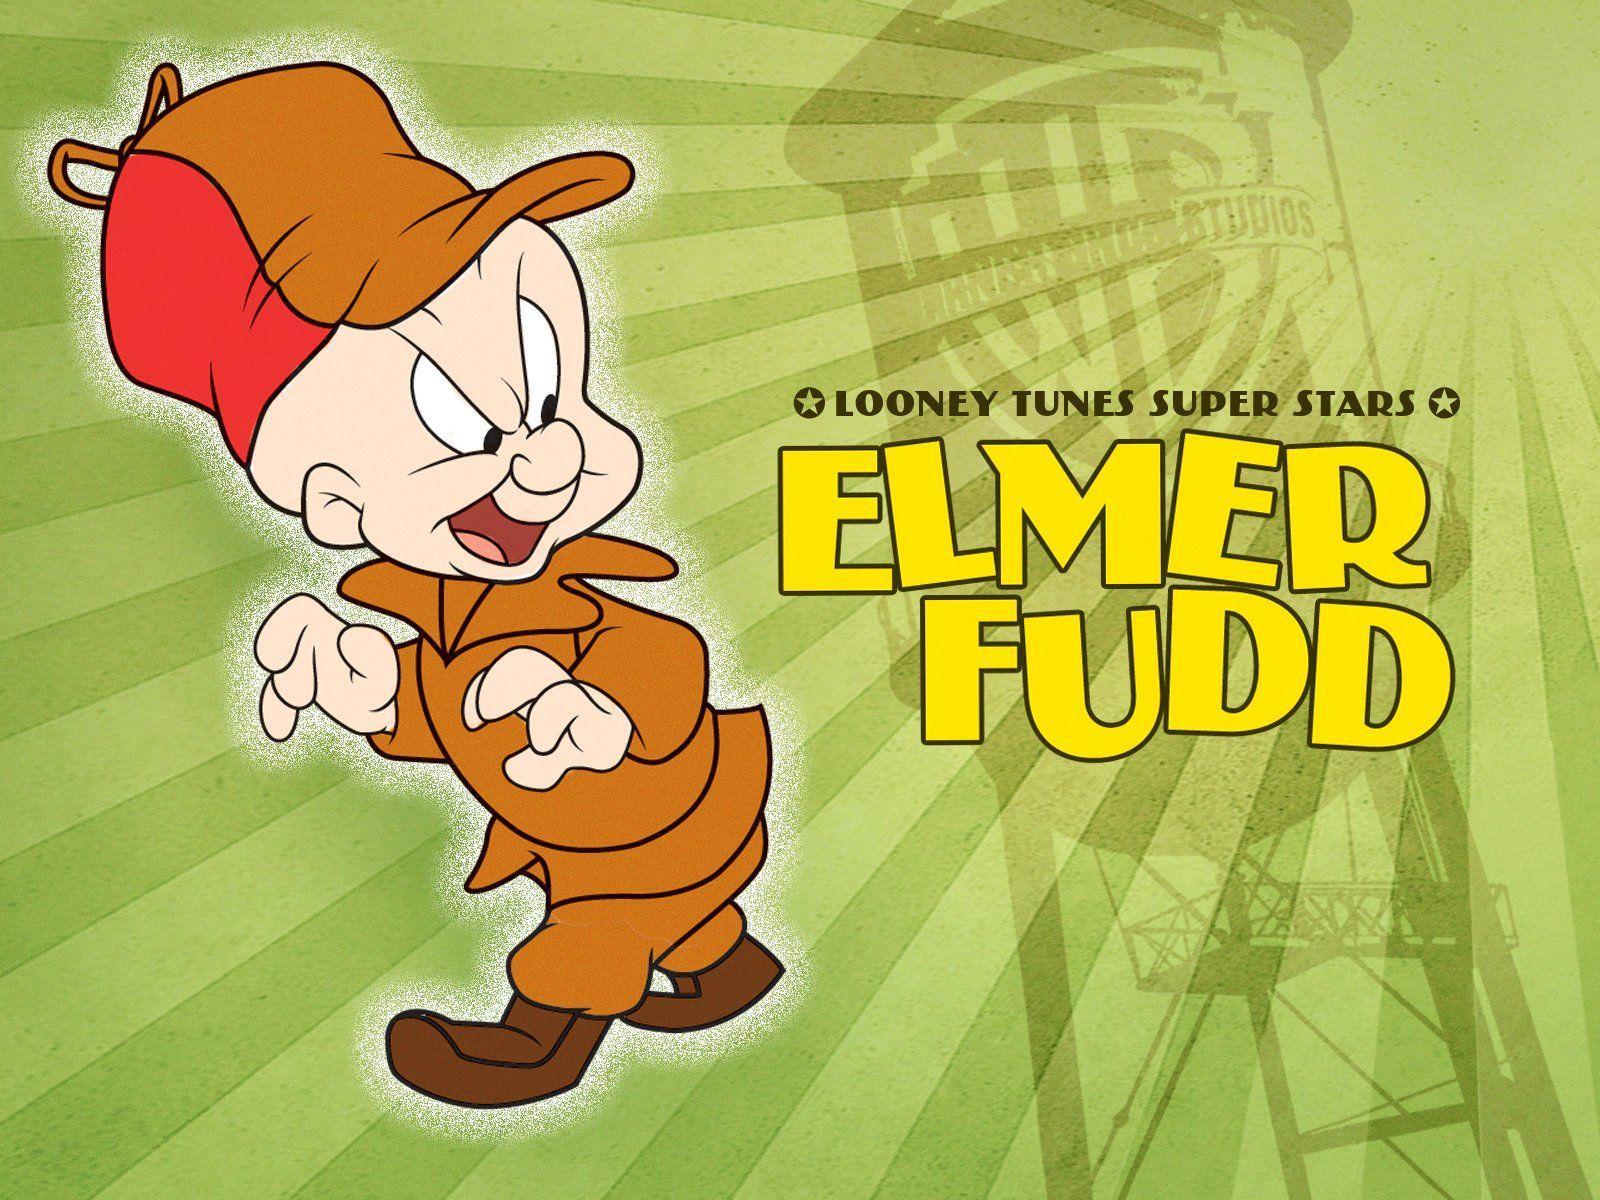 Elmer Fudd Shh